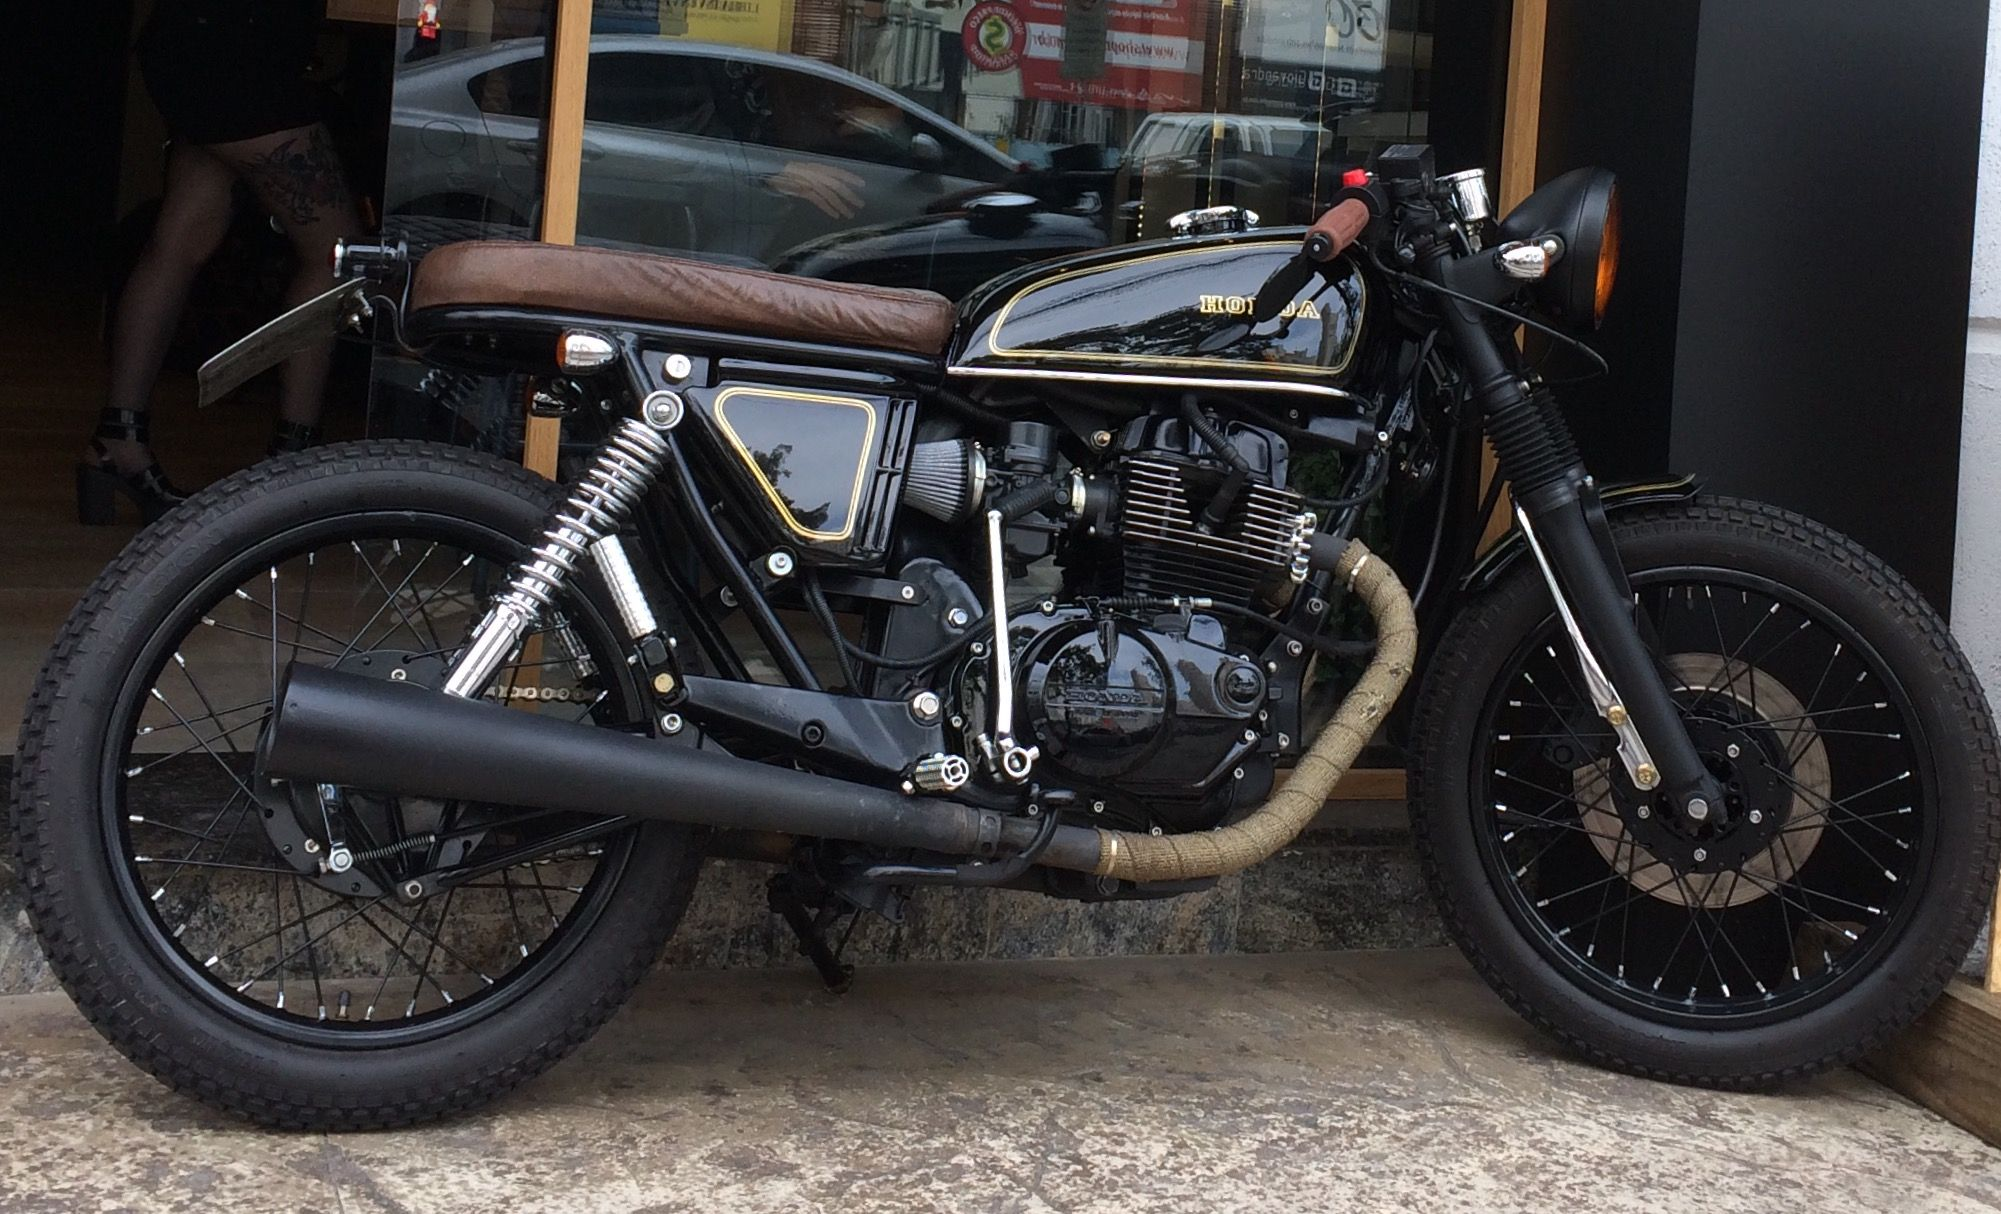 Cb 400 II inspirado nas motos clássicas européias  33c3778f27